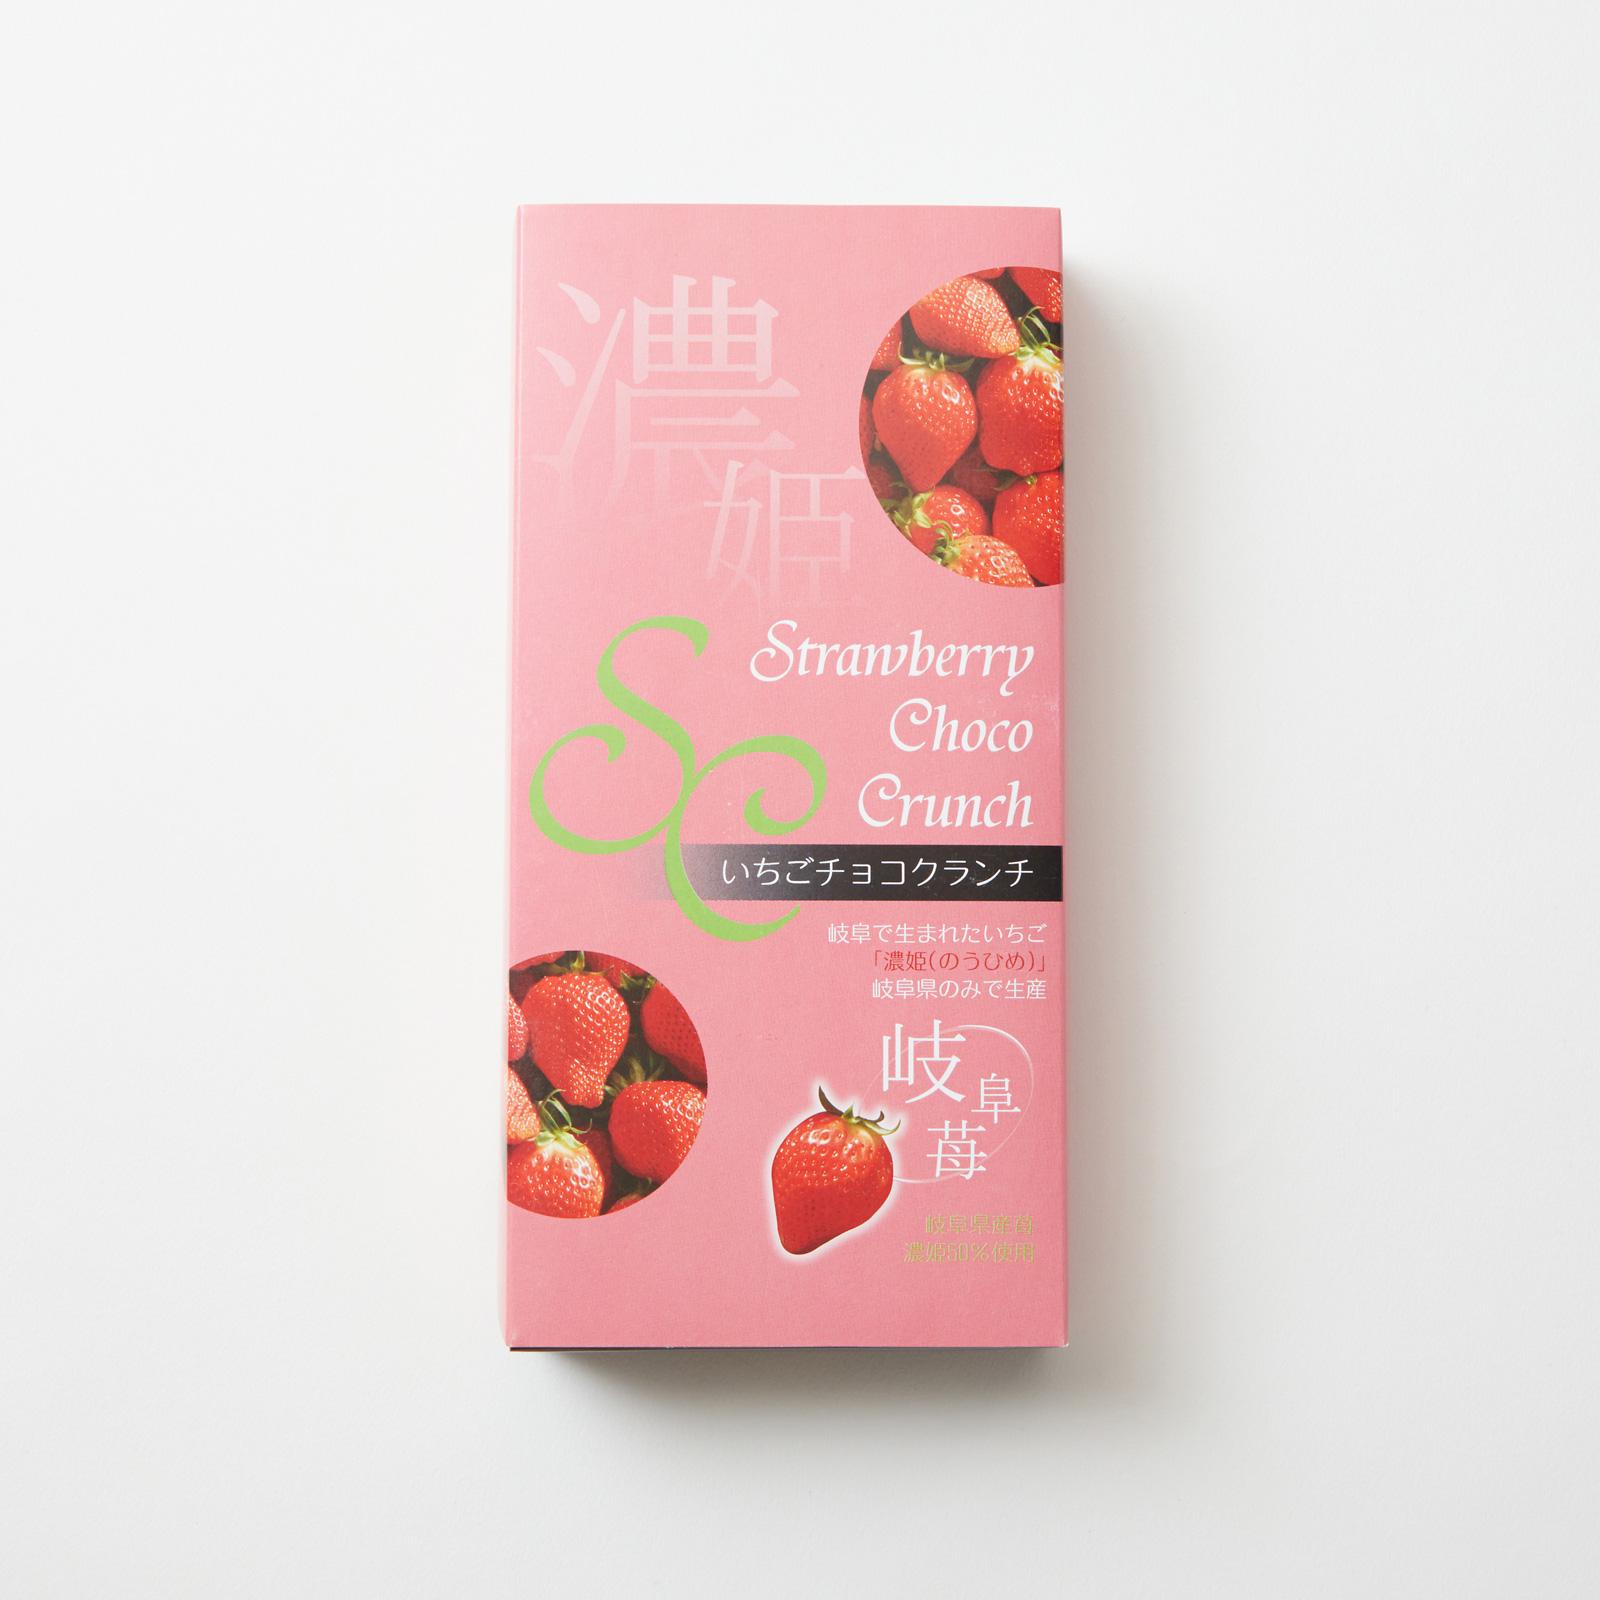 【濃姫クランチ12個入り】岐阜県産の濃姫いちごを50%使った、味わい豊かなホワイトチョコクランチ